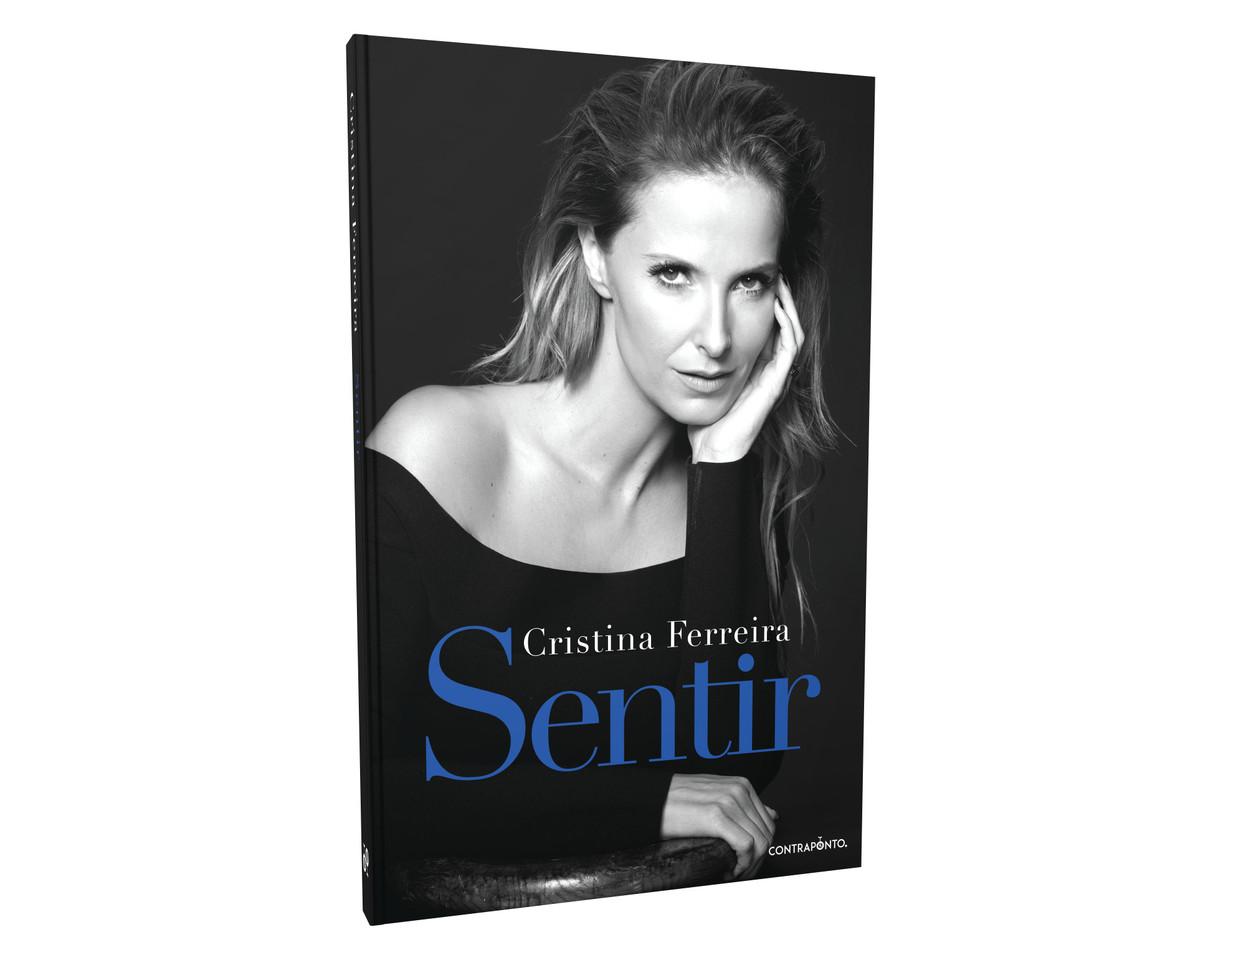 cristina-ferreira-sentir-melhores-livros-de-2016.j